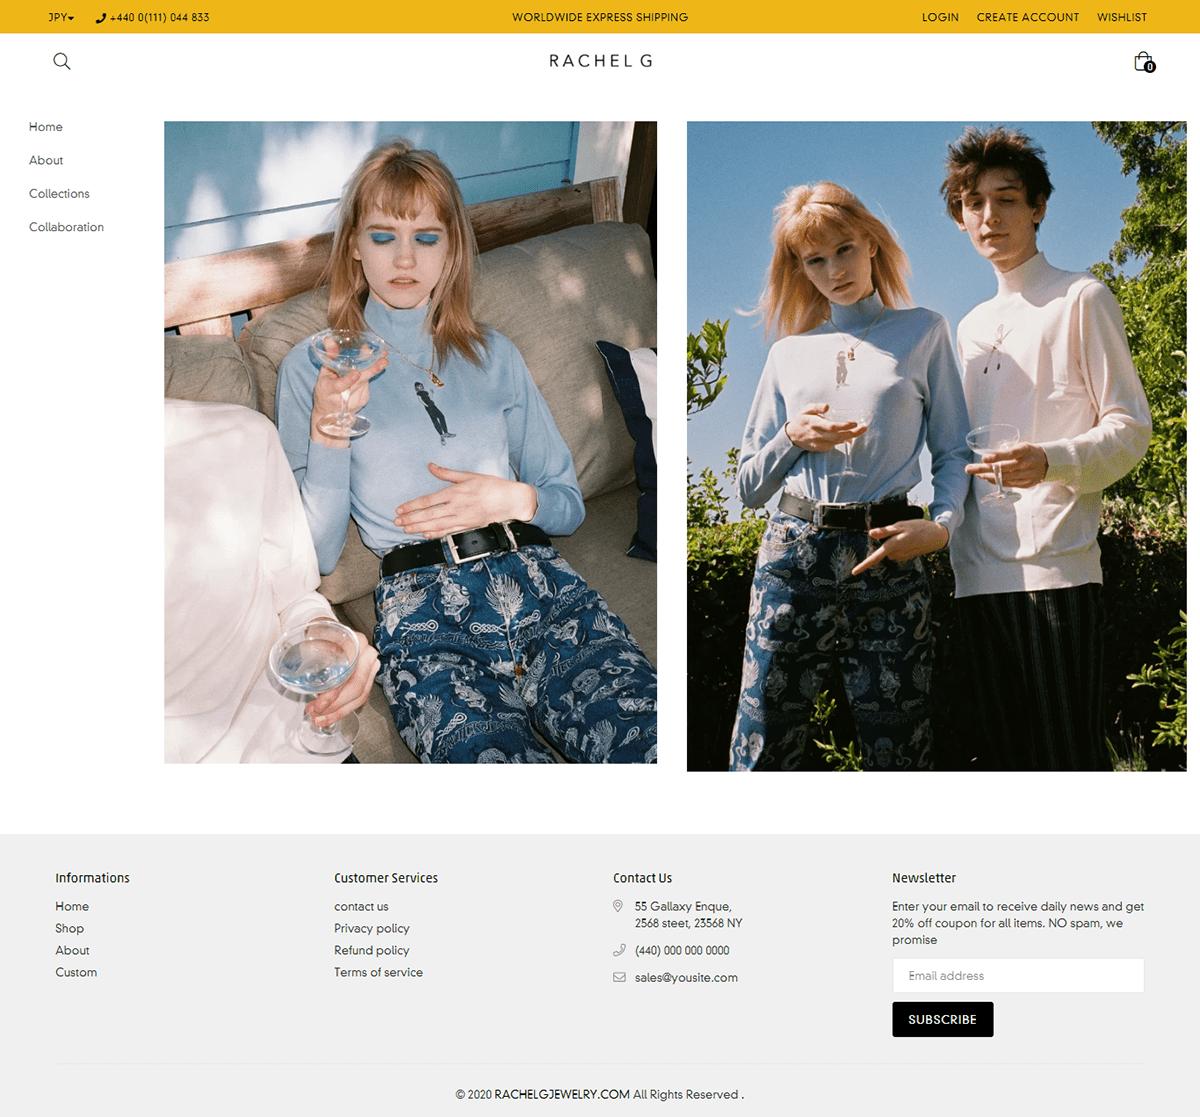 Image may contain: screenshot, clothing and dress